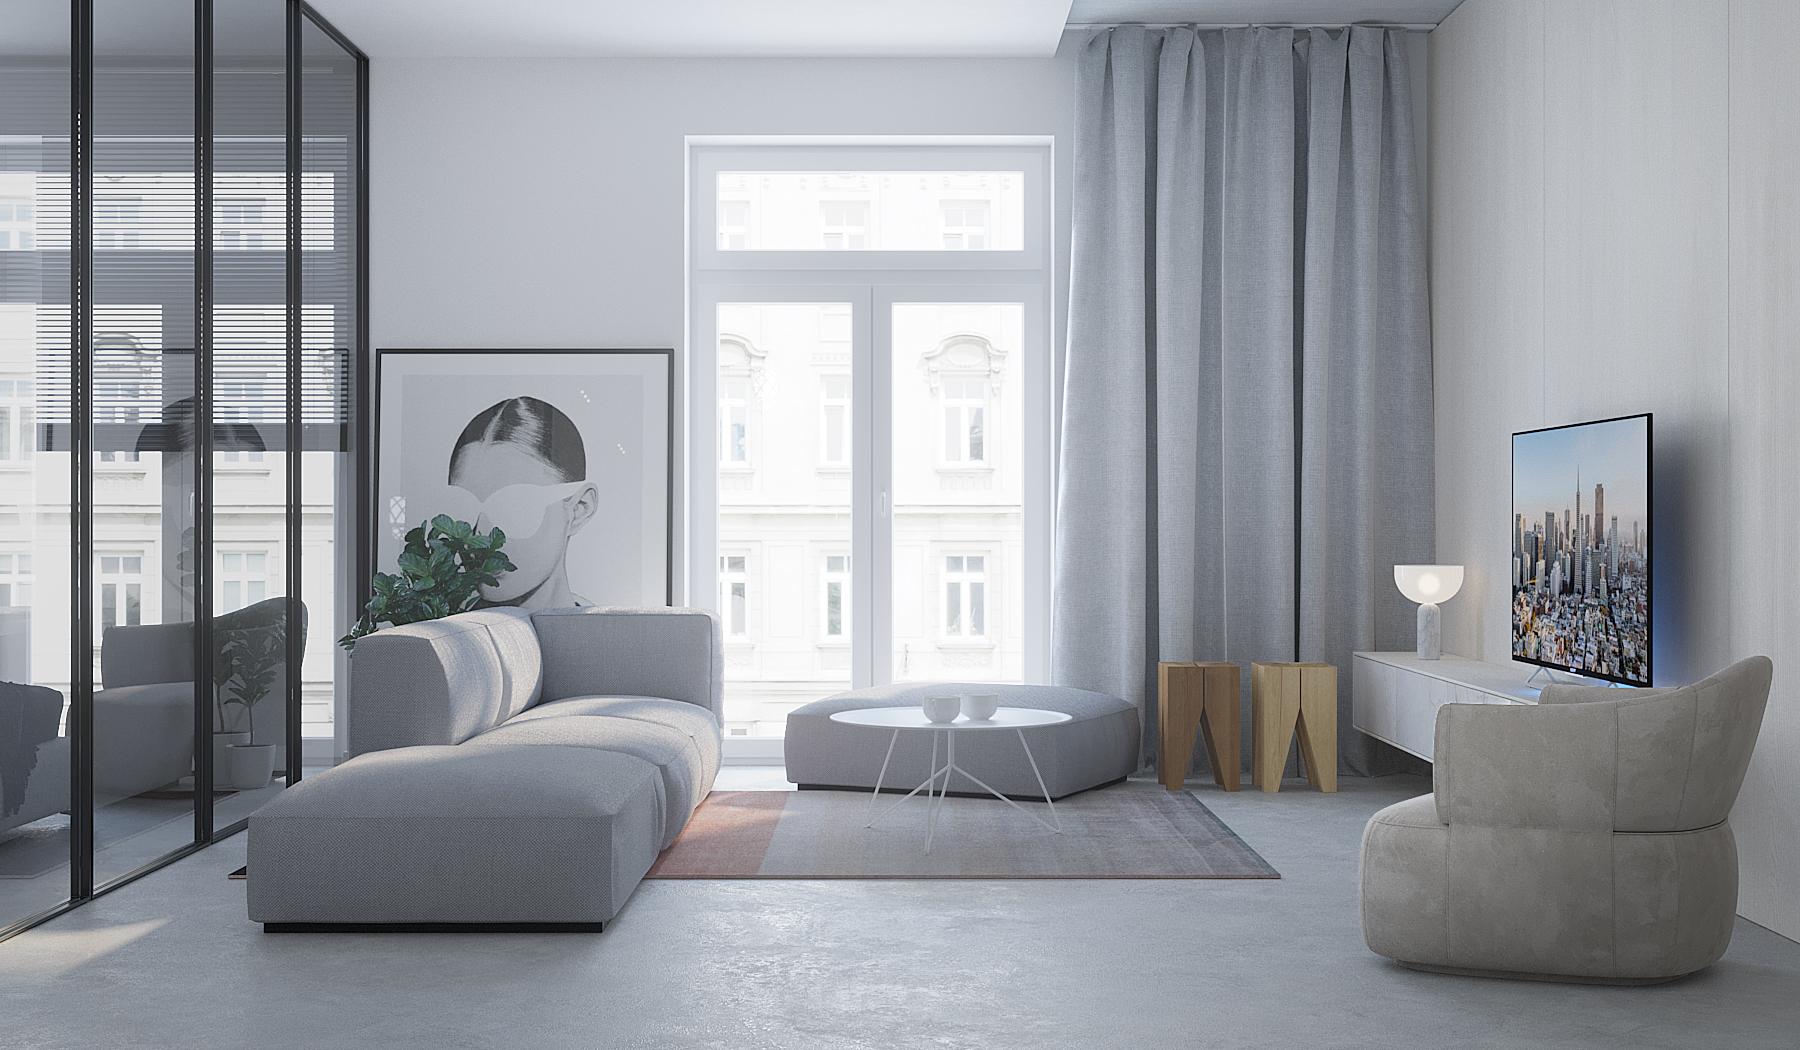 1 projektowanie wnetrz M245 mieszkanie krakow salon w kamiennicy betonowa posadzka szara sofa loftowe przeszklenie